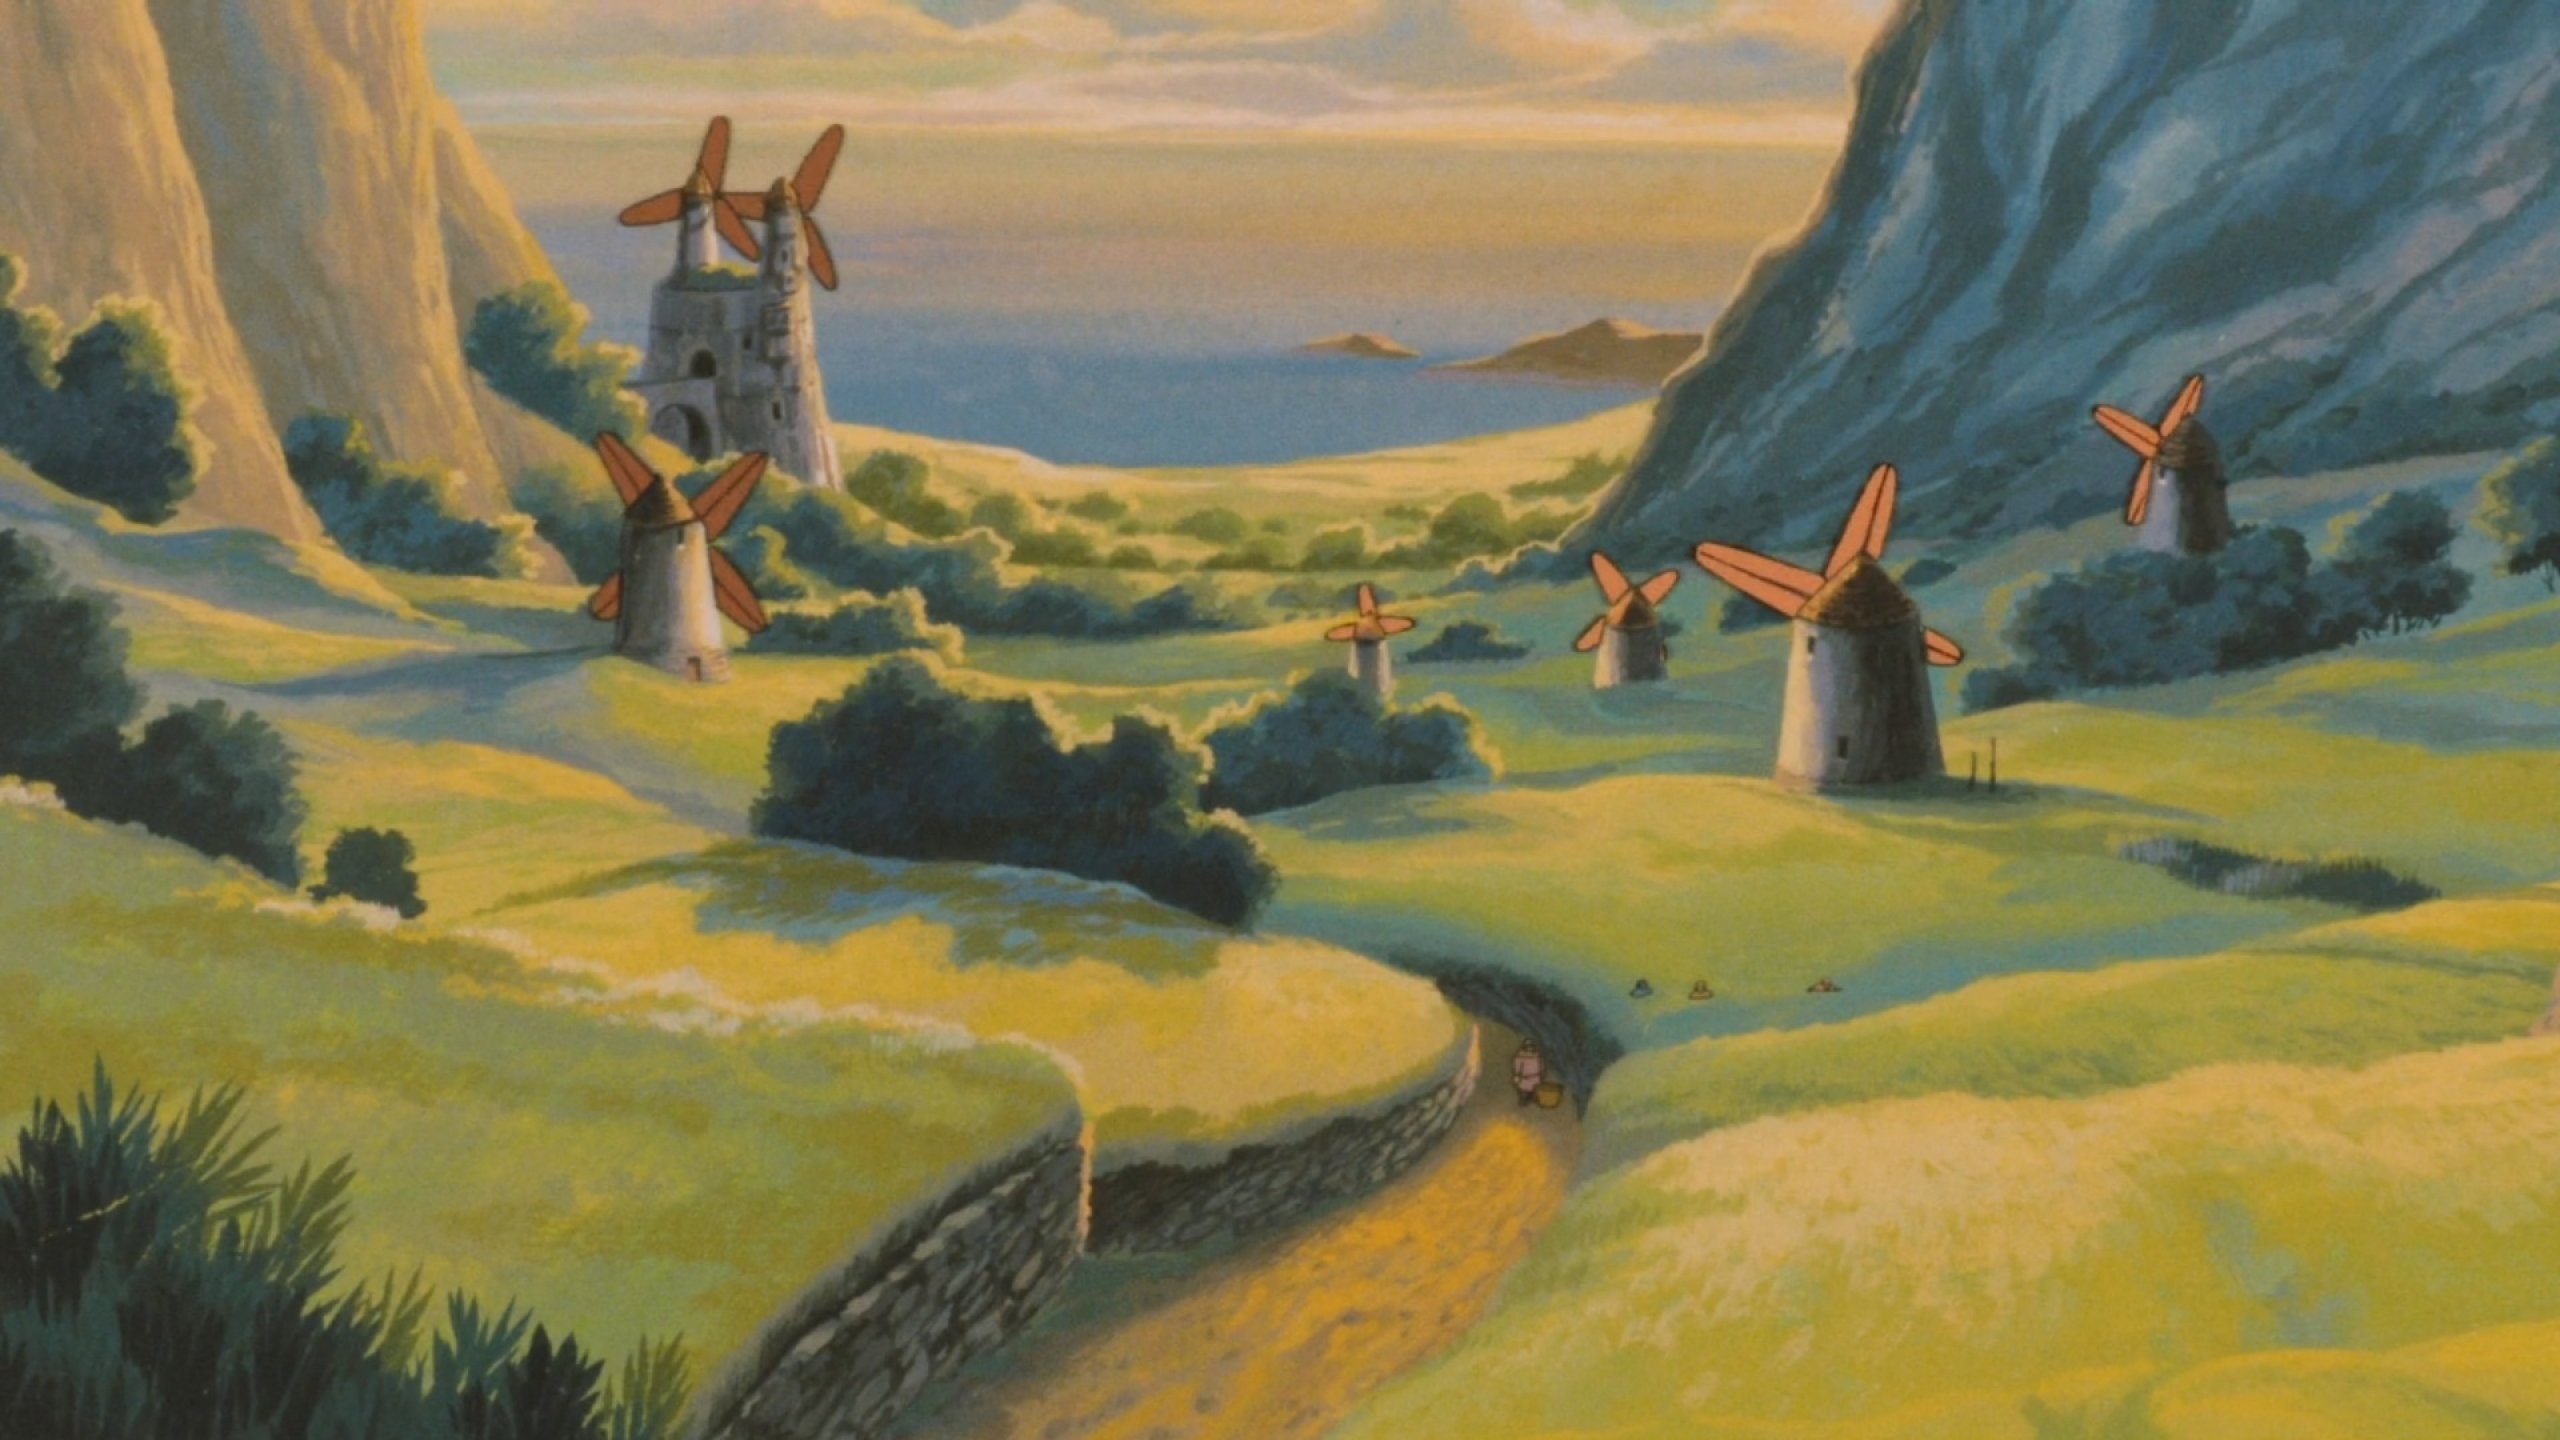 Studio Ghibli pajamas Nausicaa of the Valley of the Wind ... |Nausicaa Studio Ghibli Wallpaper